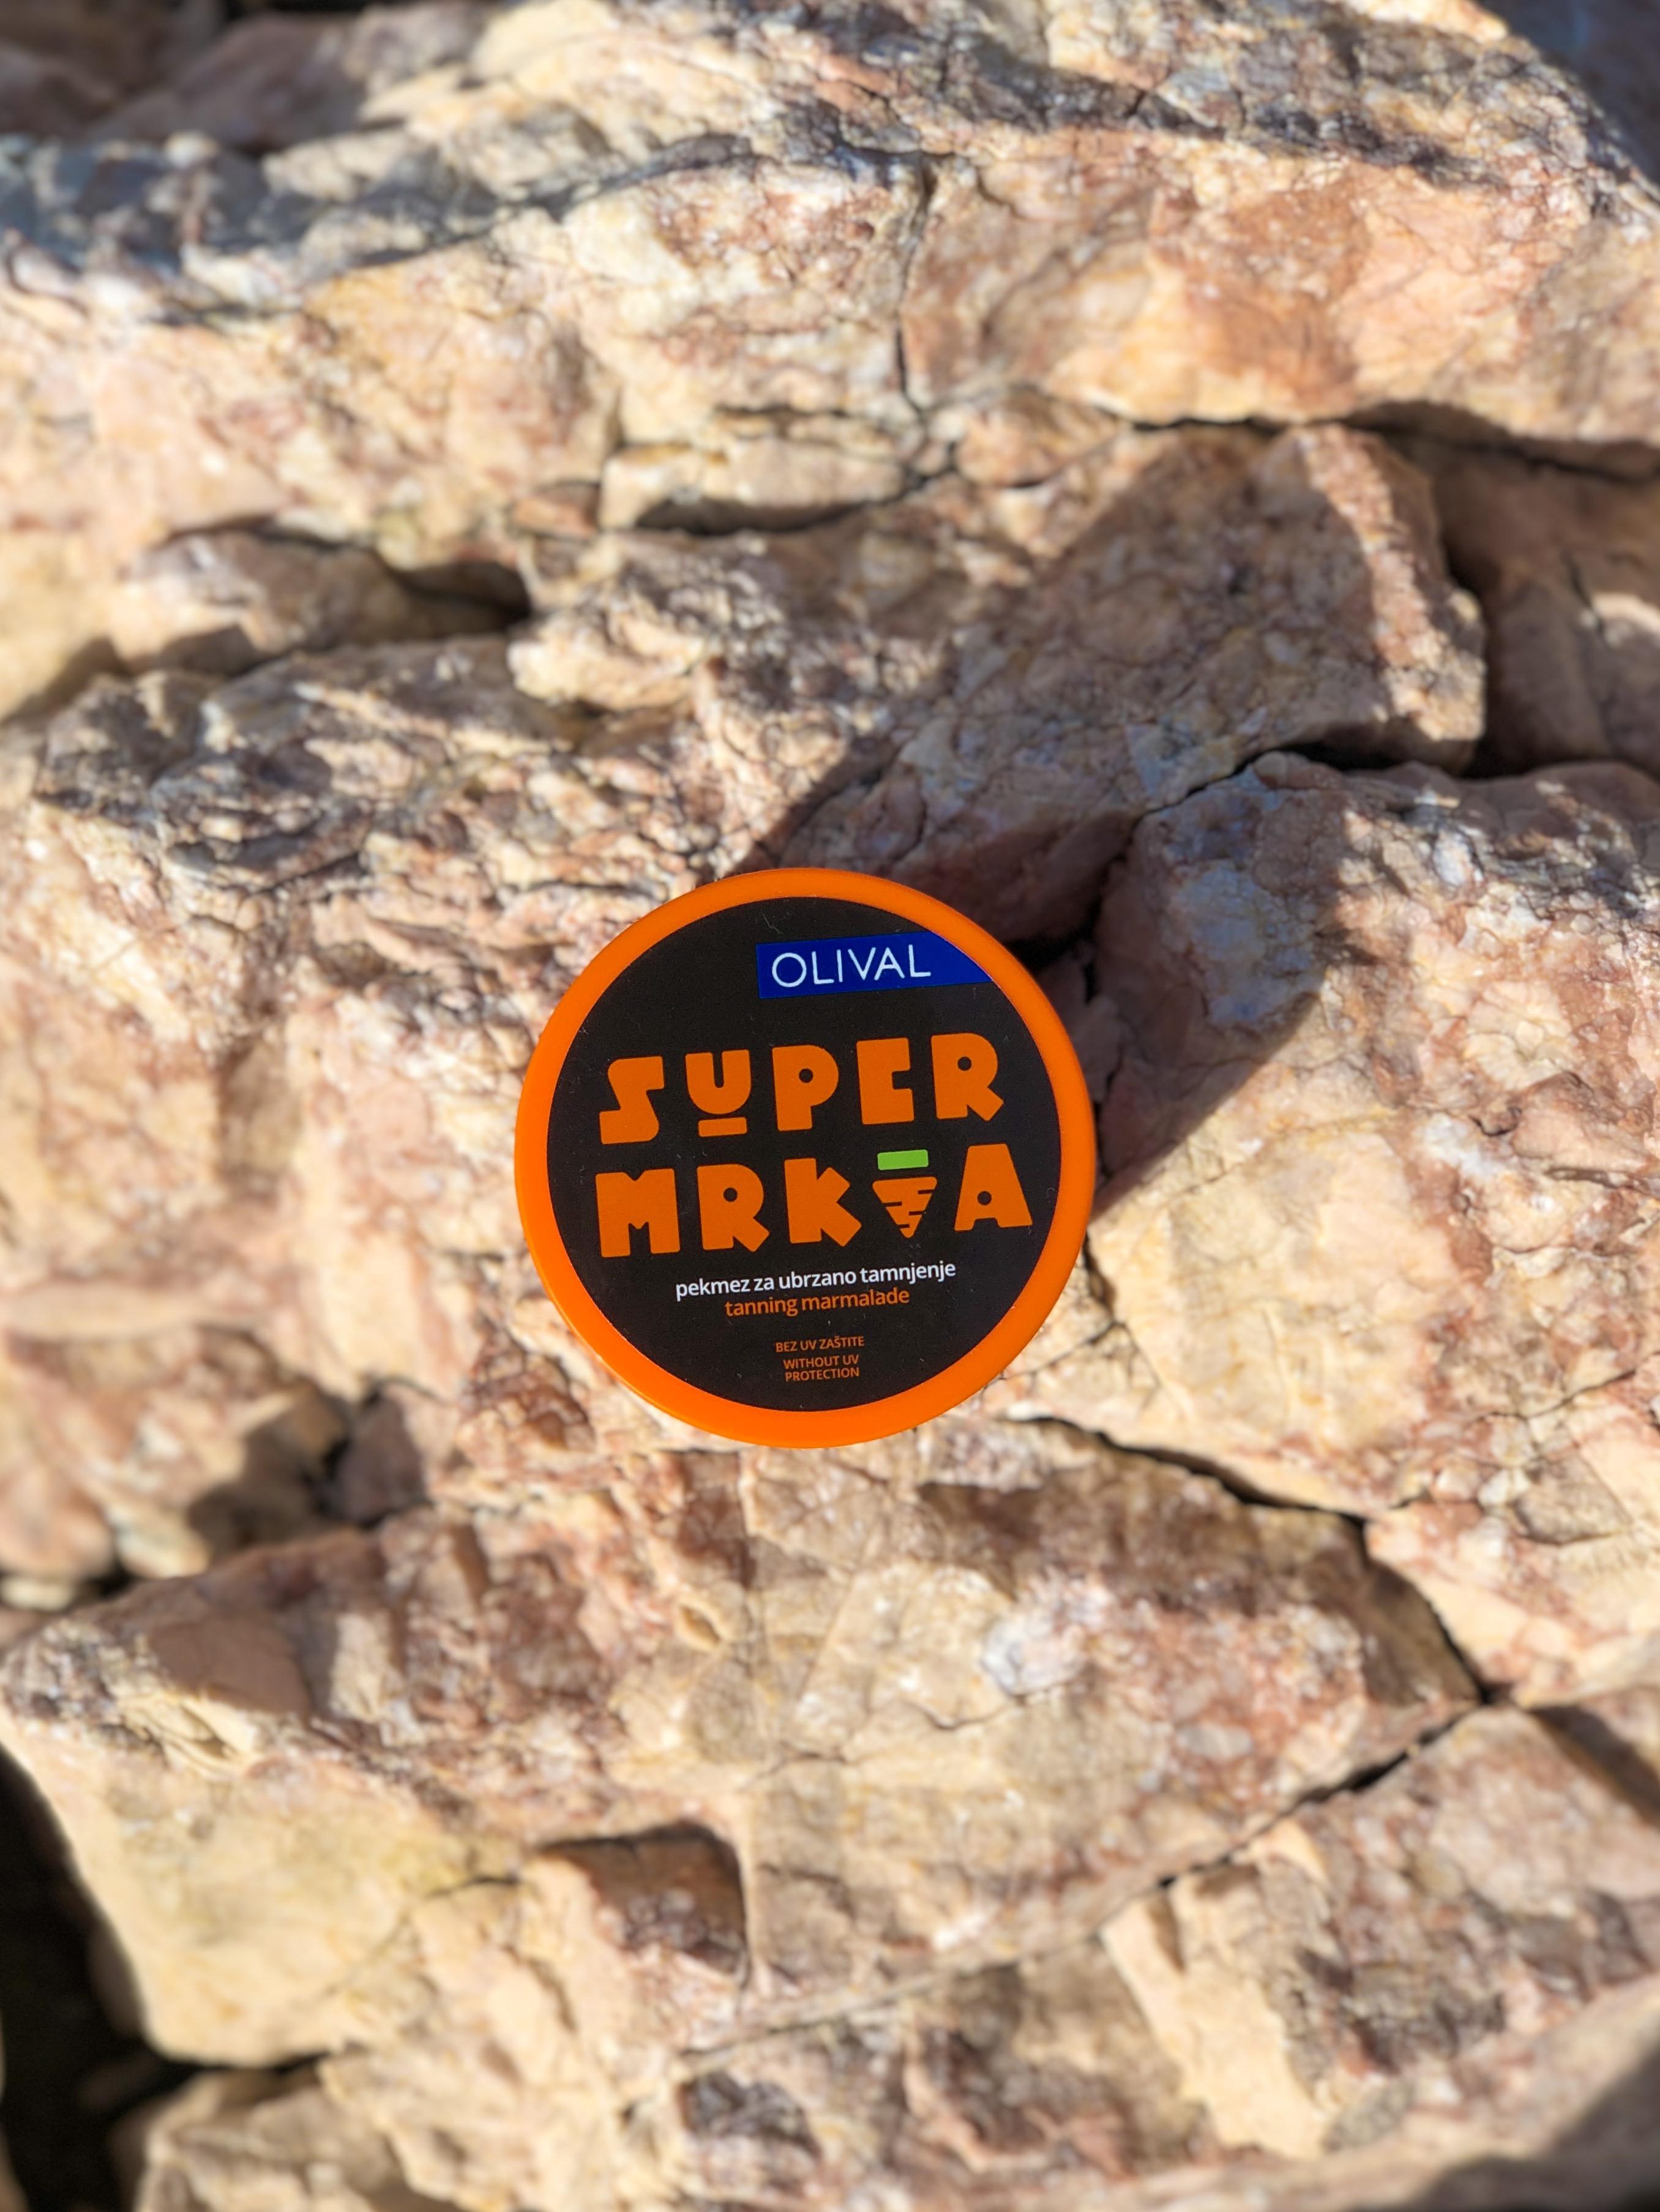 SUPER Mrkva Pekmez za ubrzano tamnjenje bez UV zaštite